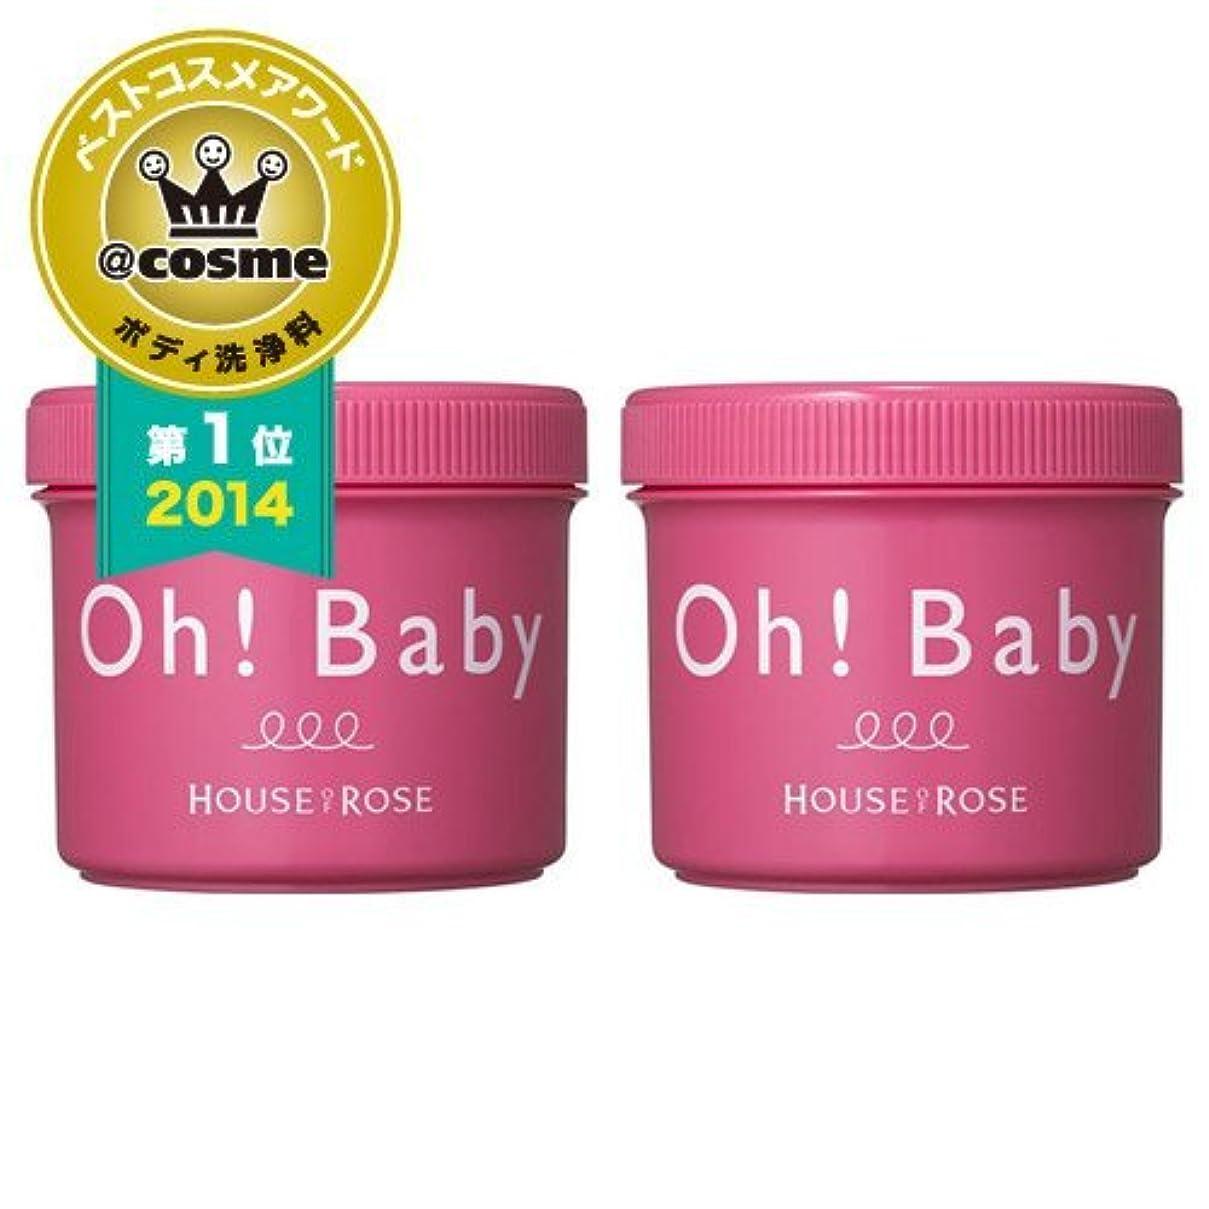 継承部分的に優しいハウスオブローゼ Oh! Baby ボディ スムーザー N 2個セット